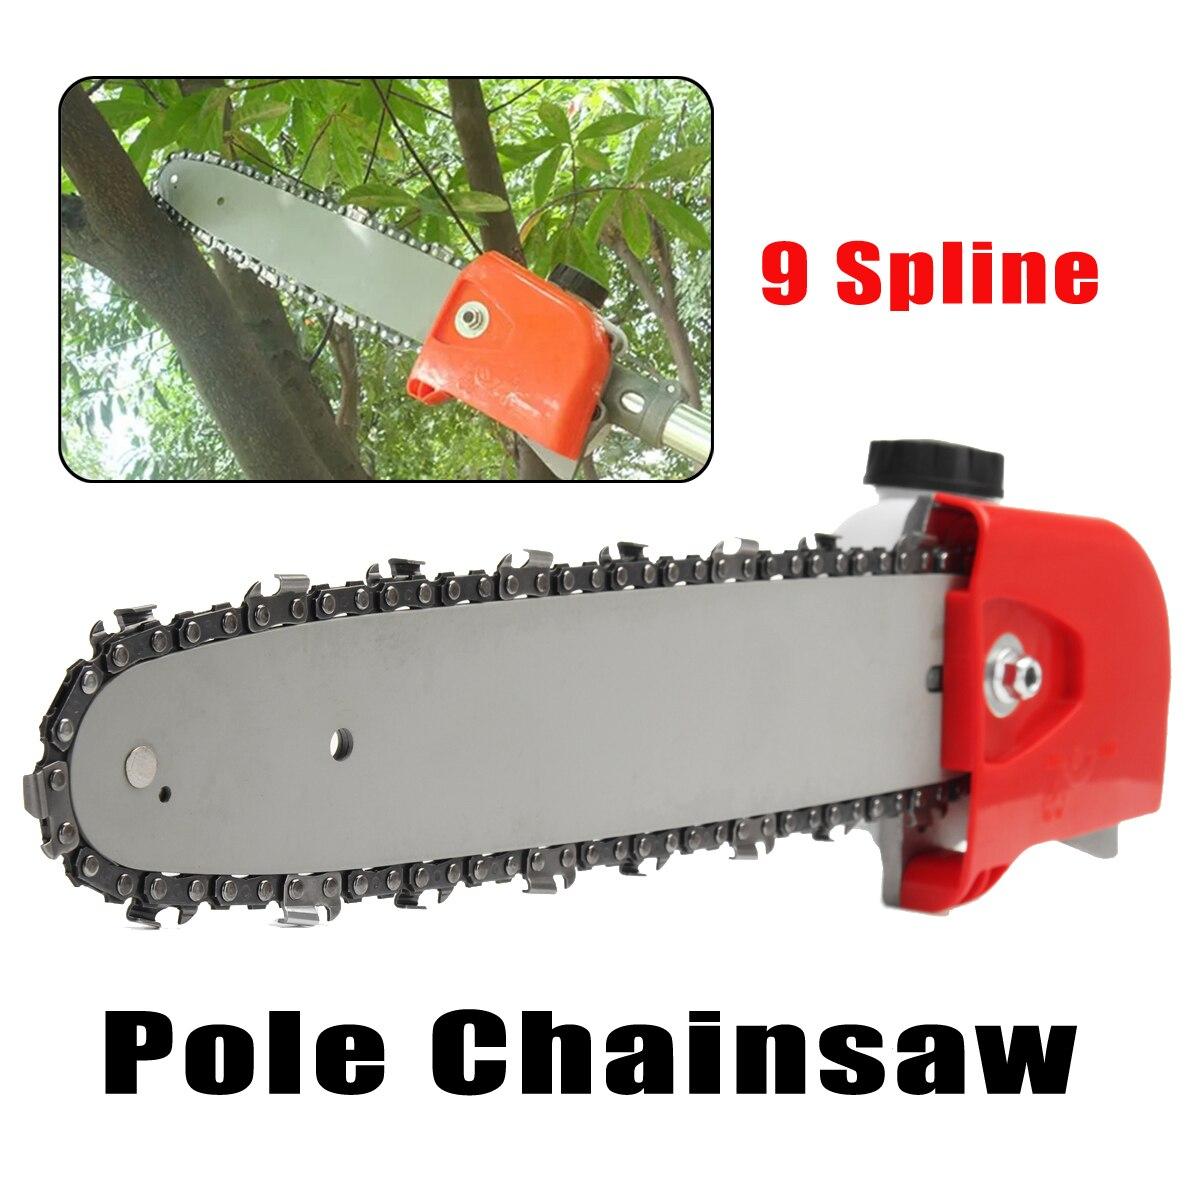 26mm Pole Saw 7/9 Spline Albero Taglierina Motosega Staffa Cambio Testa Ingranaggi Strumento Sostituzione Power Tool Part Accessori